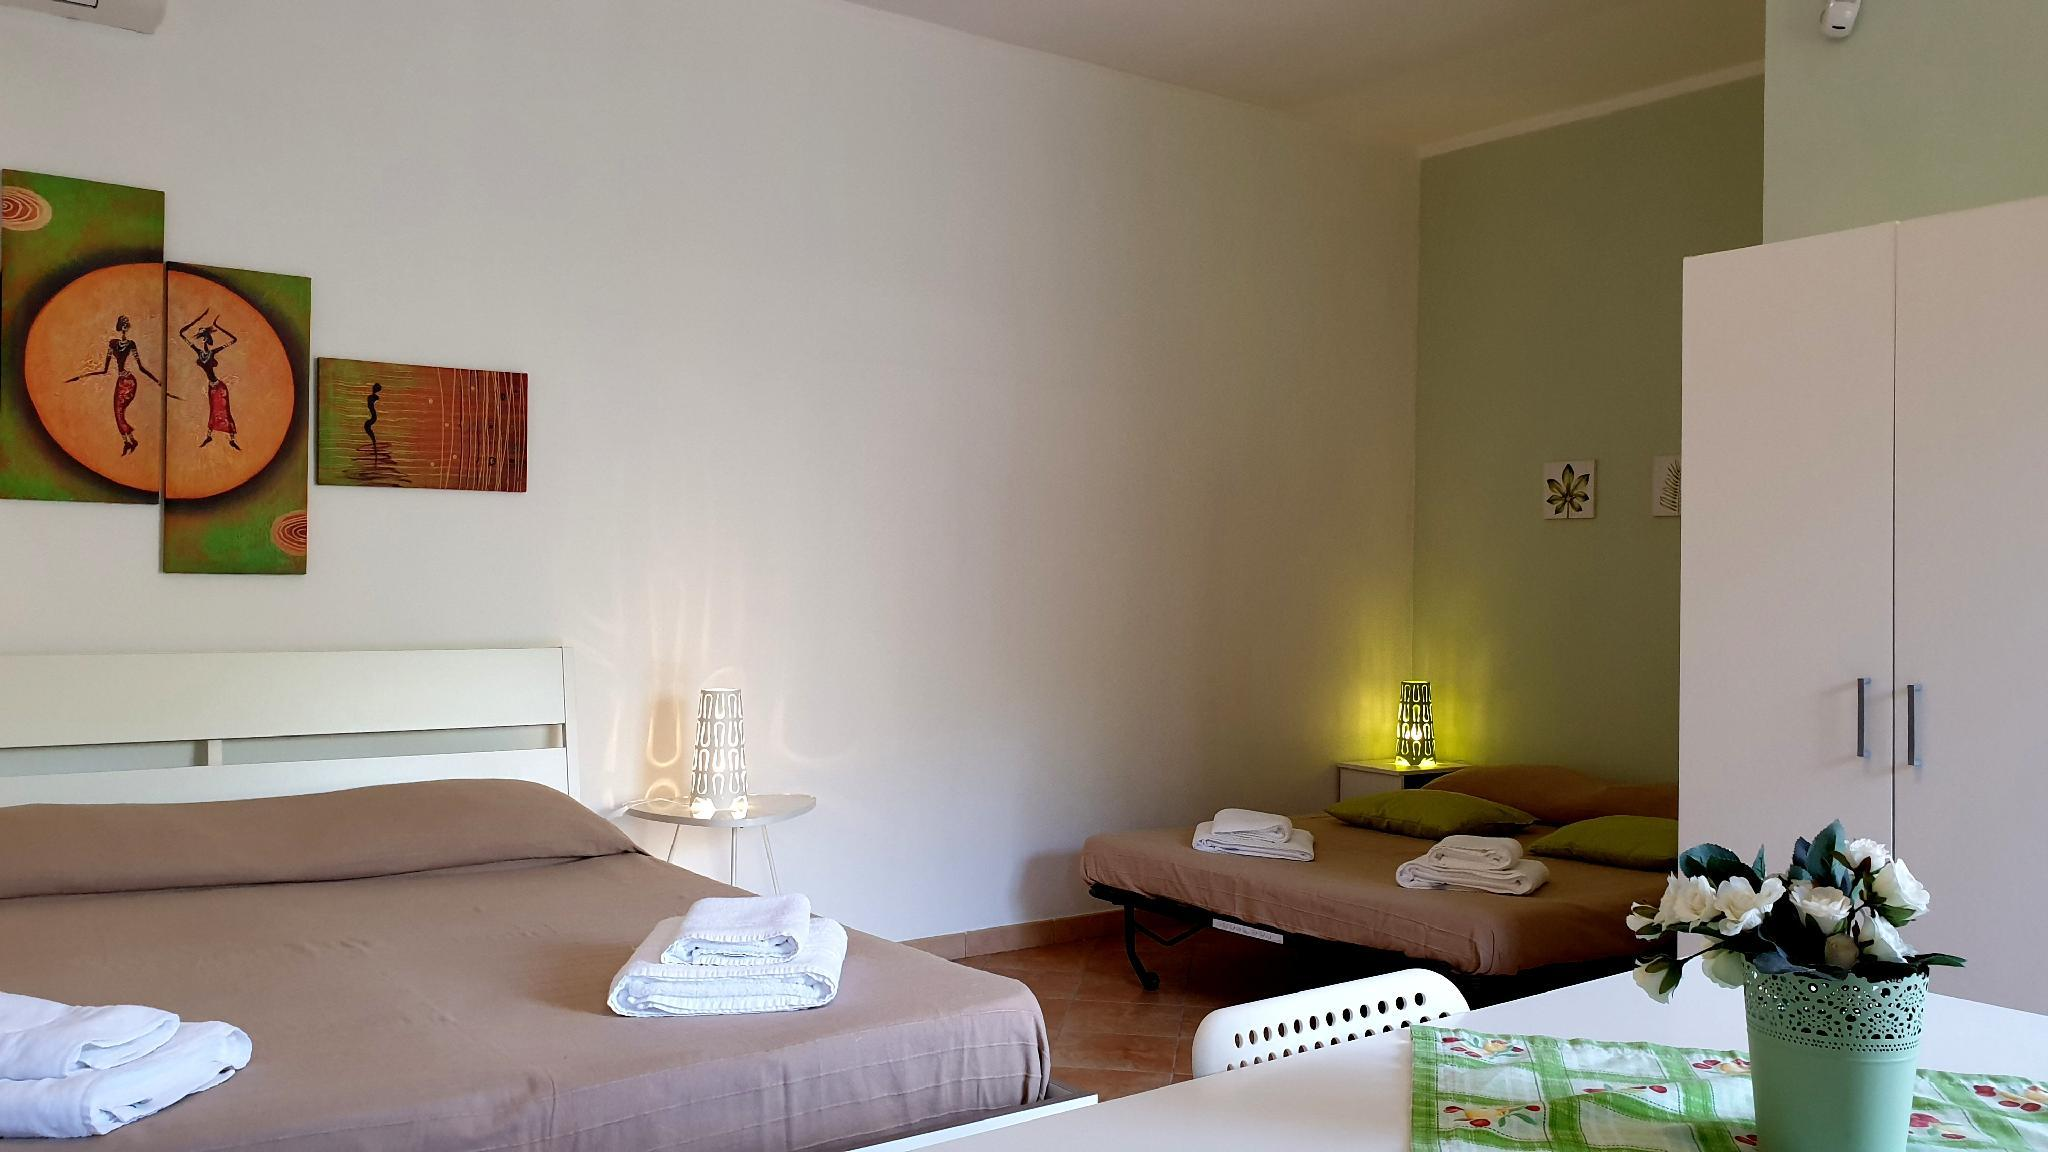 Appartamento Verde Tra Spiagge E Verdi Colline Castellammare Del Golfo Italy